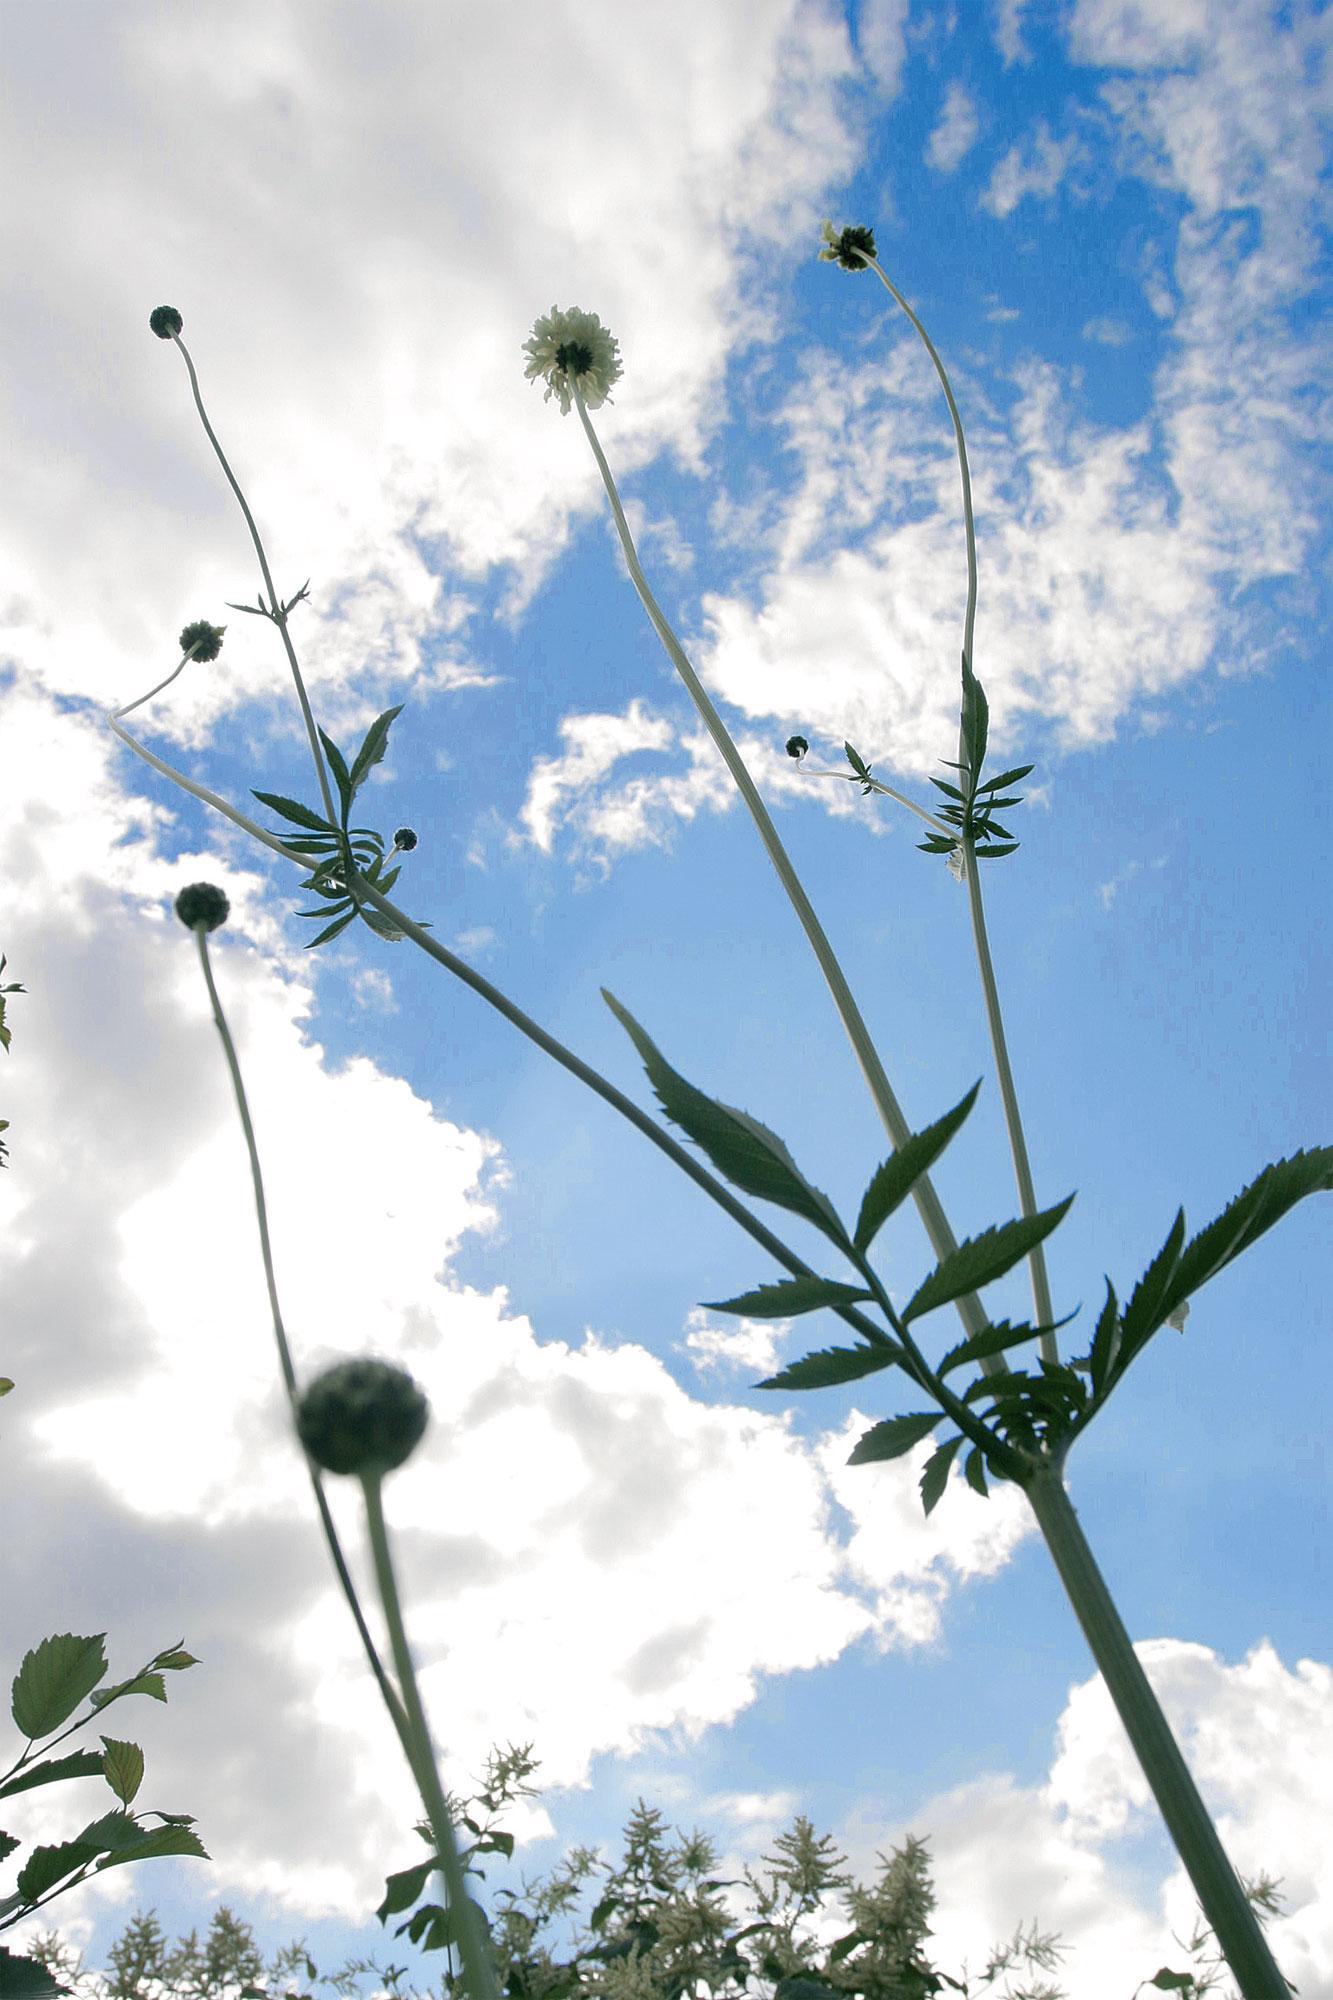 Kaukasiankirahvikukan (Cephalaria gigantea) kellertävät kukinnot kurottautuvat jopa 2,5- metrisiksi. Silti sen napakka varsi pysyy tuulisellakin paikalla tukematta pystyssä.